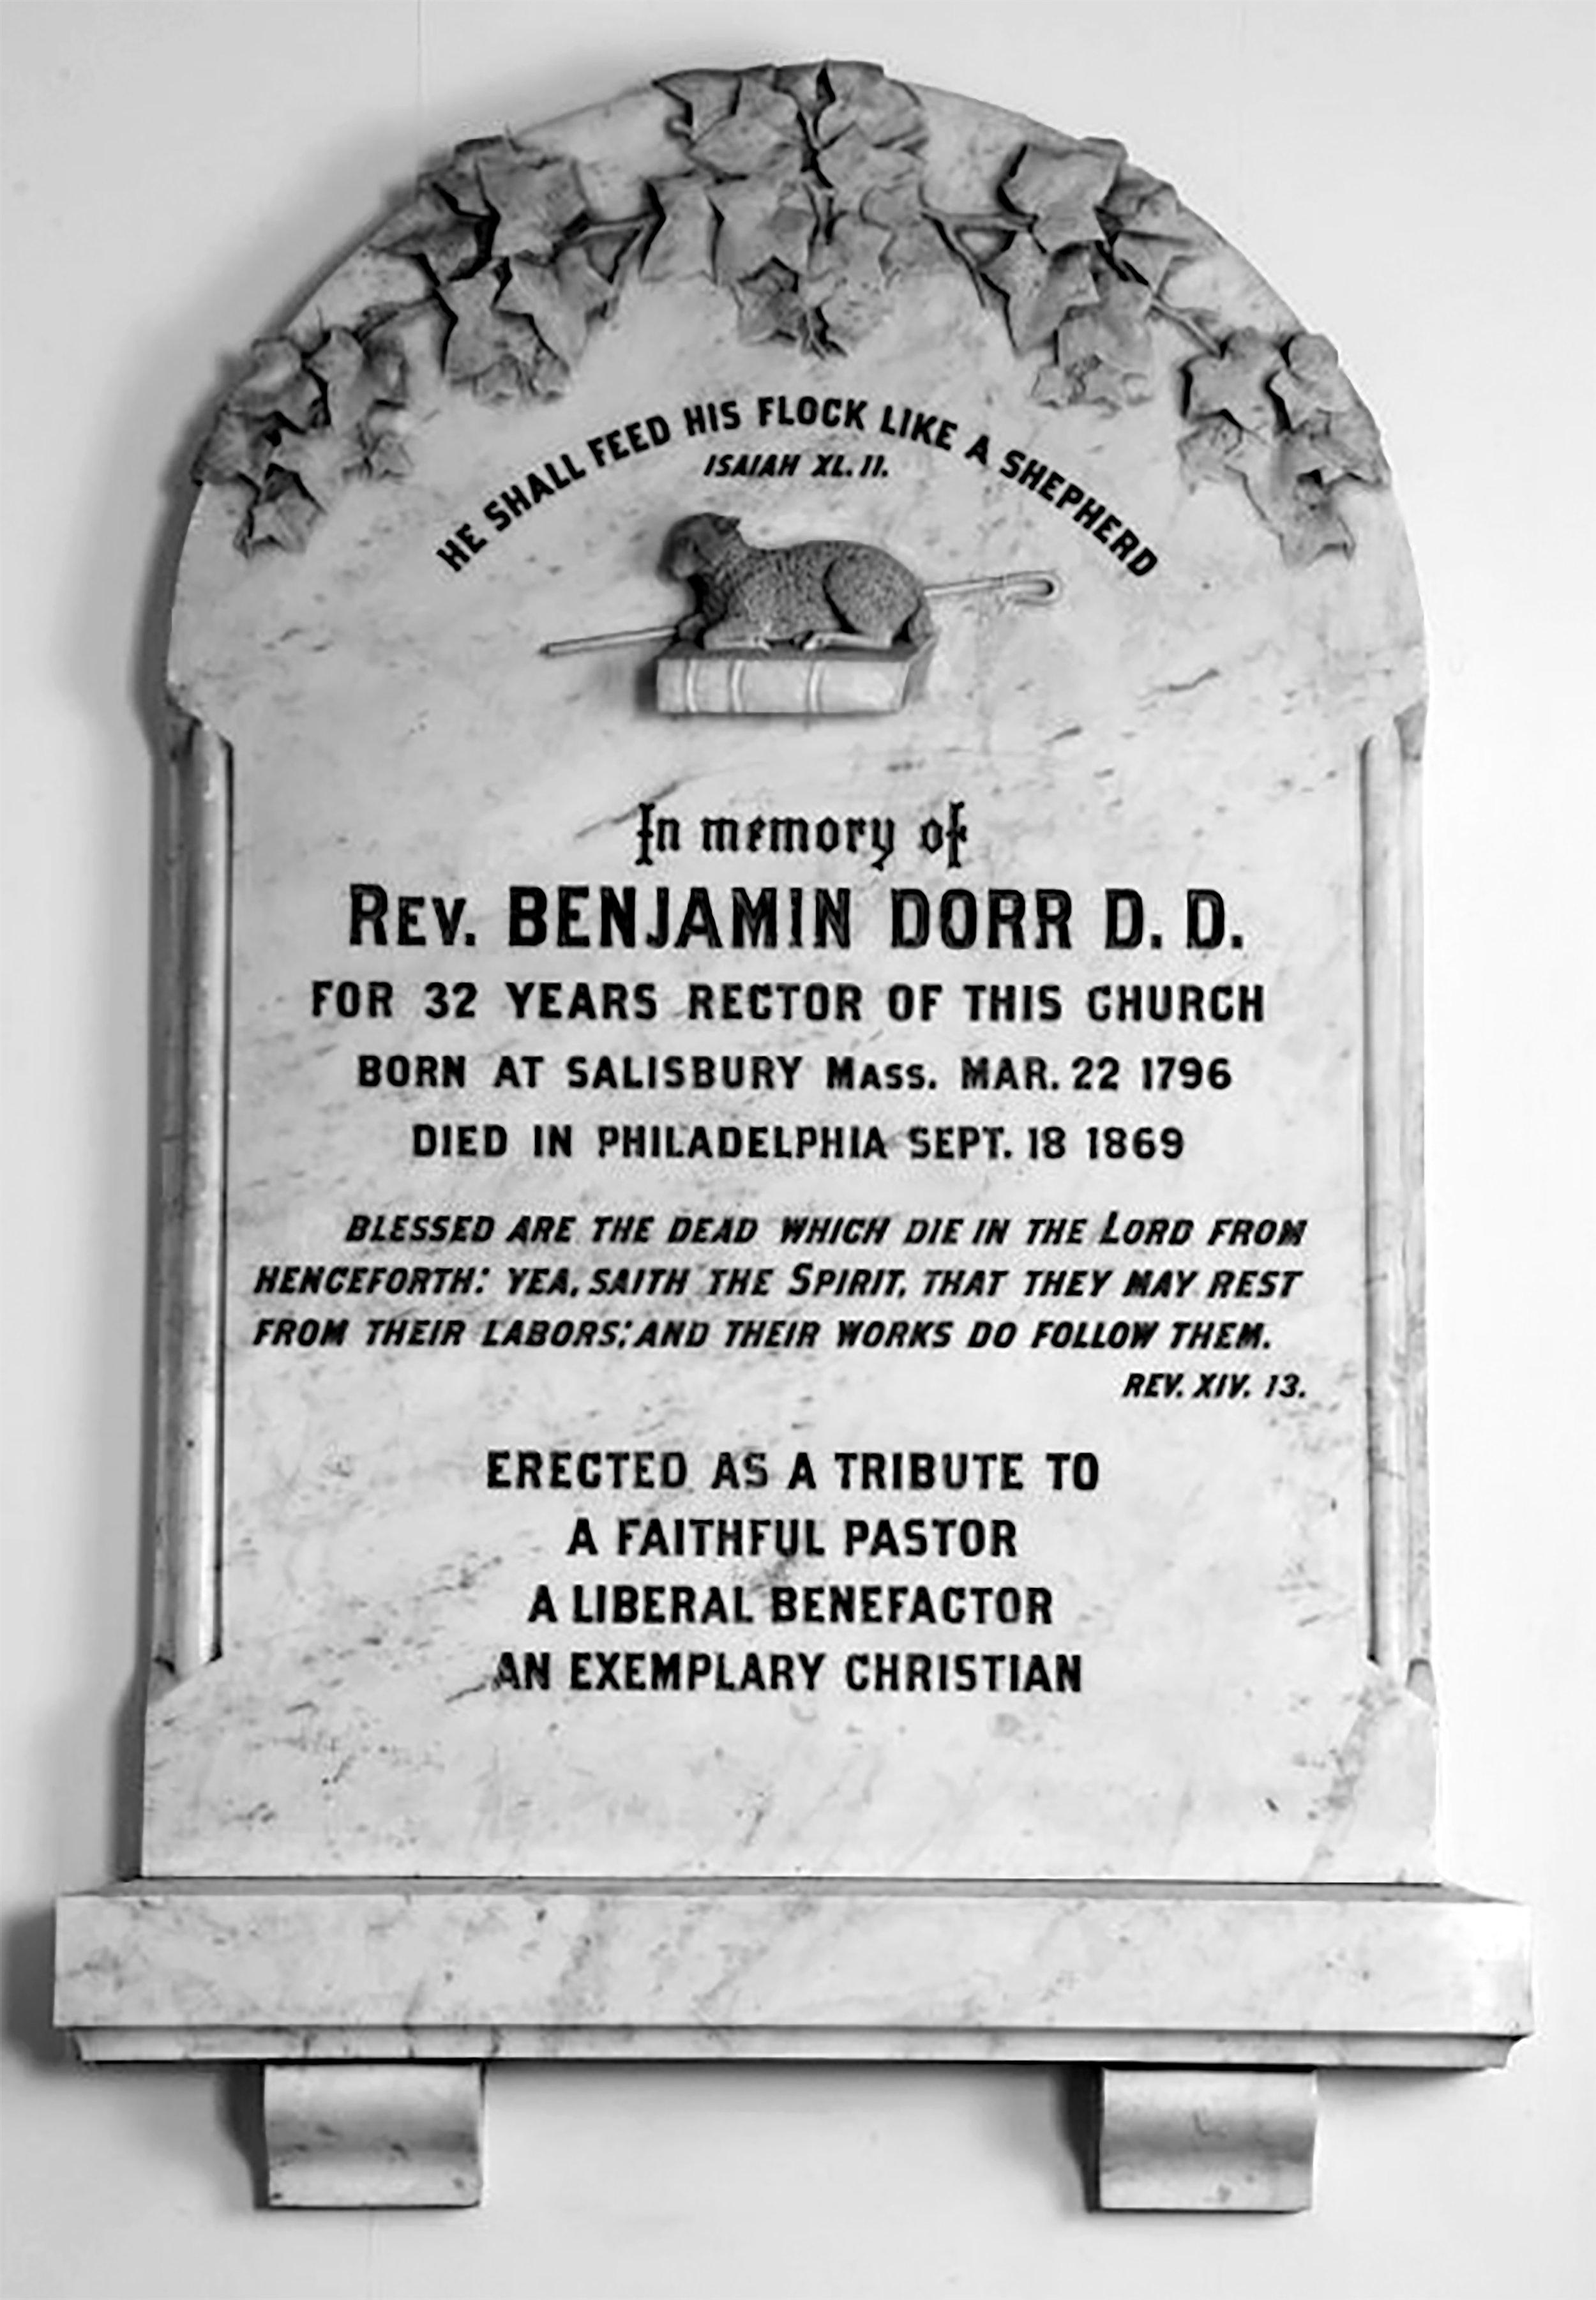 Memorial to Rev. Benjamin Dorr.Courtesy of Philadelphia's Christ Church. Photo by Will Brown.